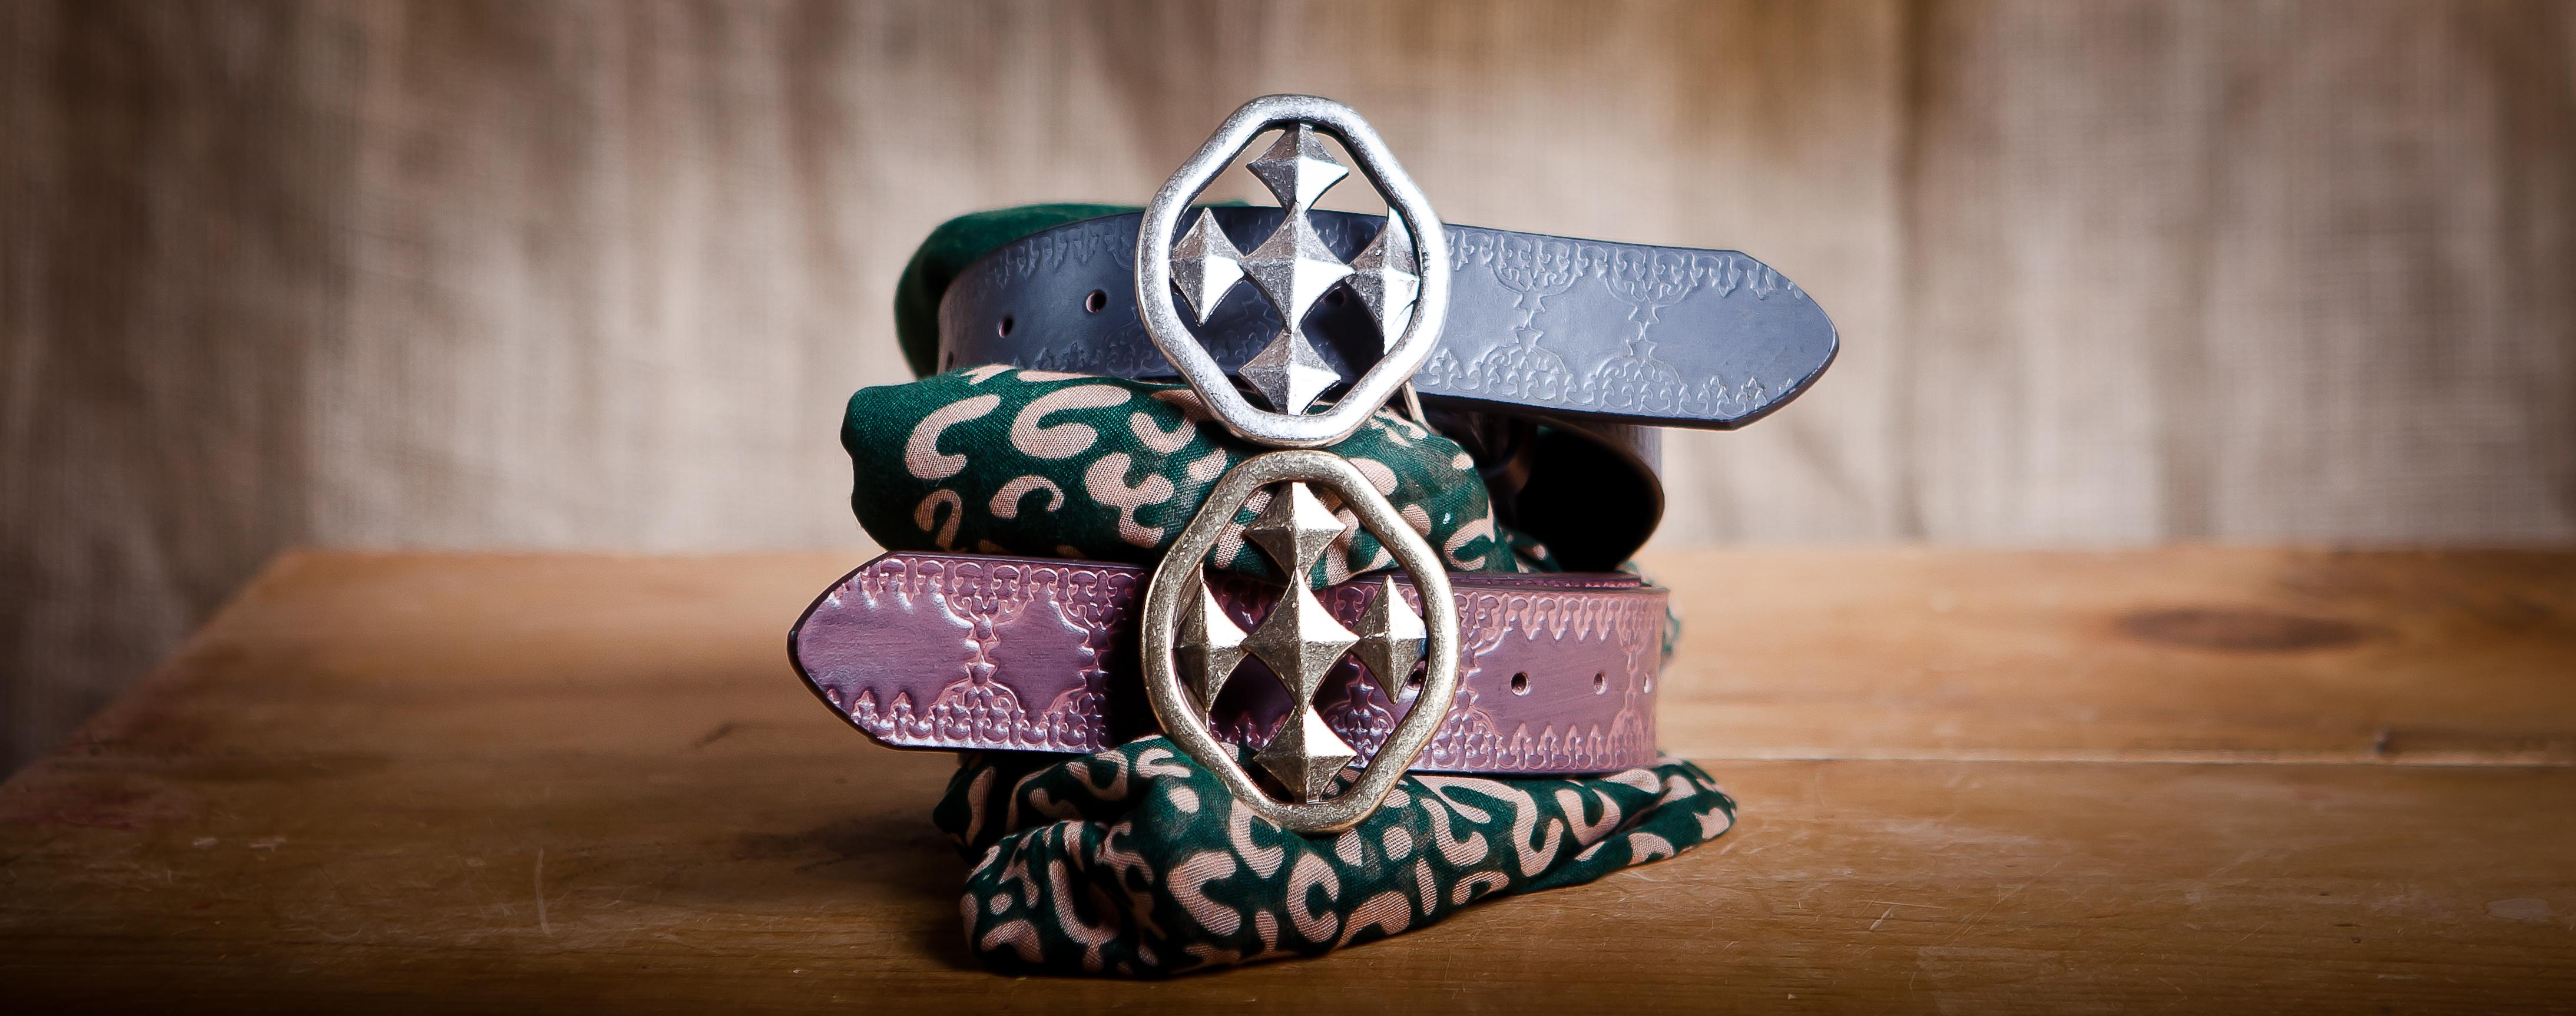 Christian Earrings - Sterling Grace Christian Jewelry ...